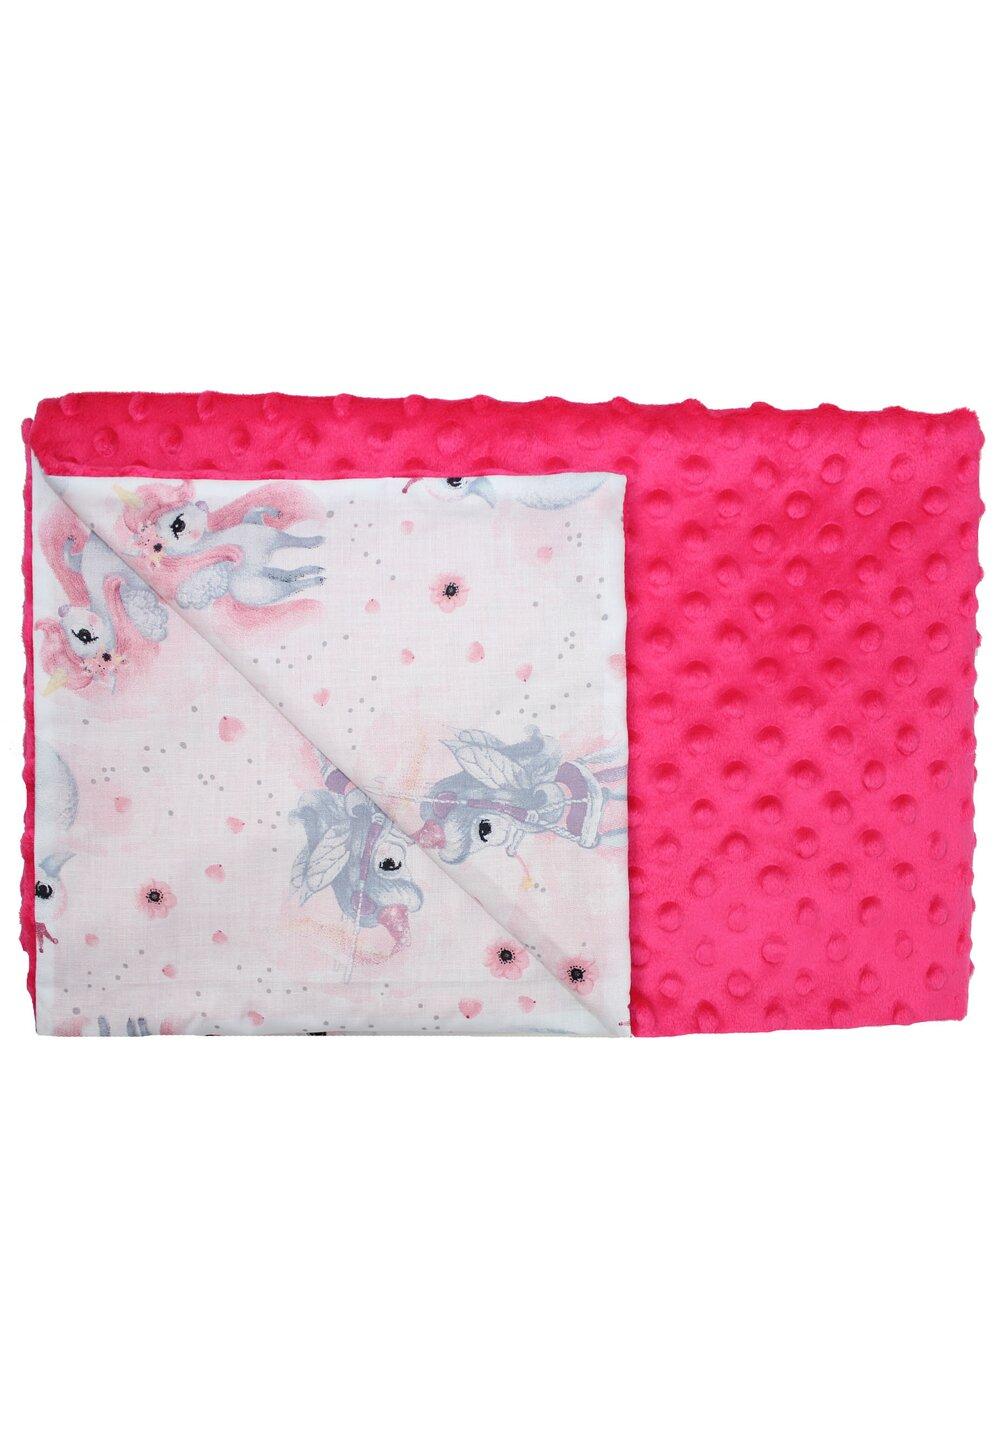 Paturica 2 fete, Minky roz, Unicornul roz, 80x100cm imagine